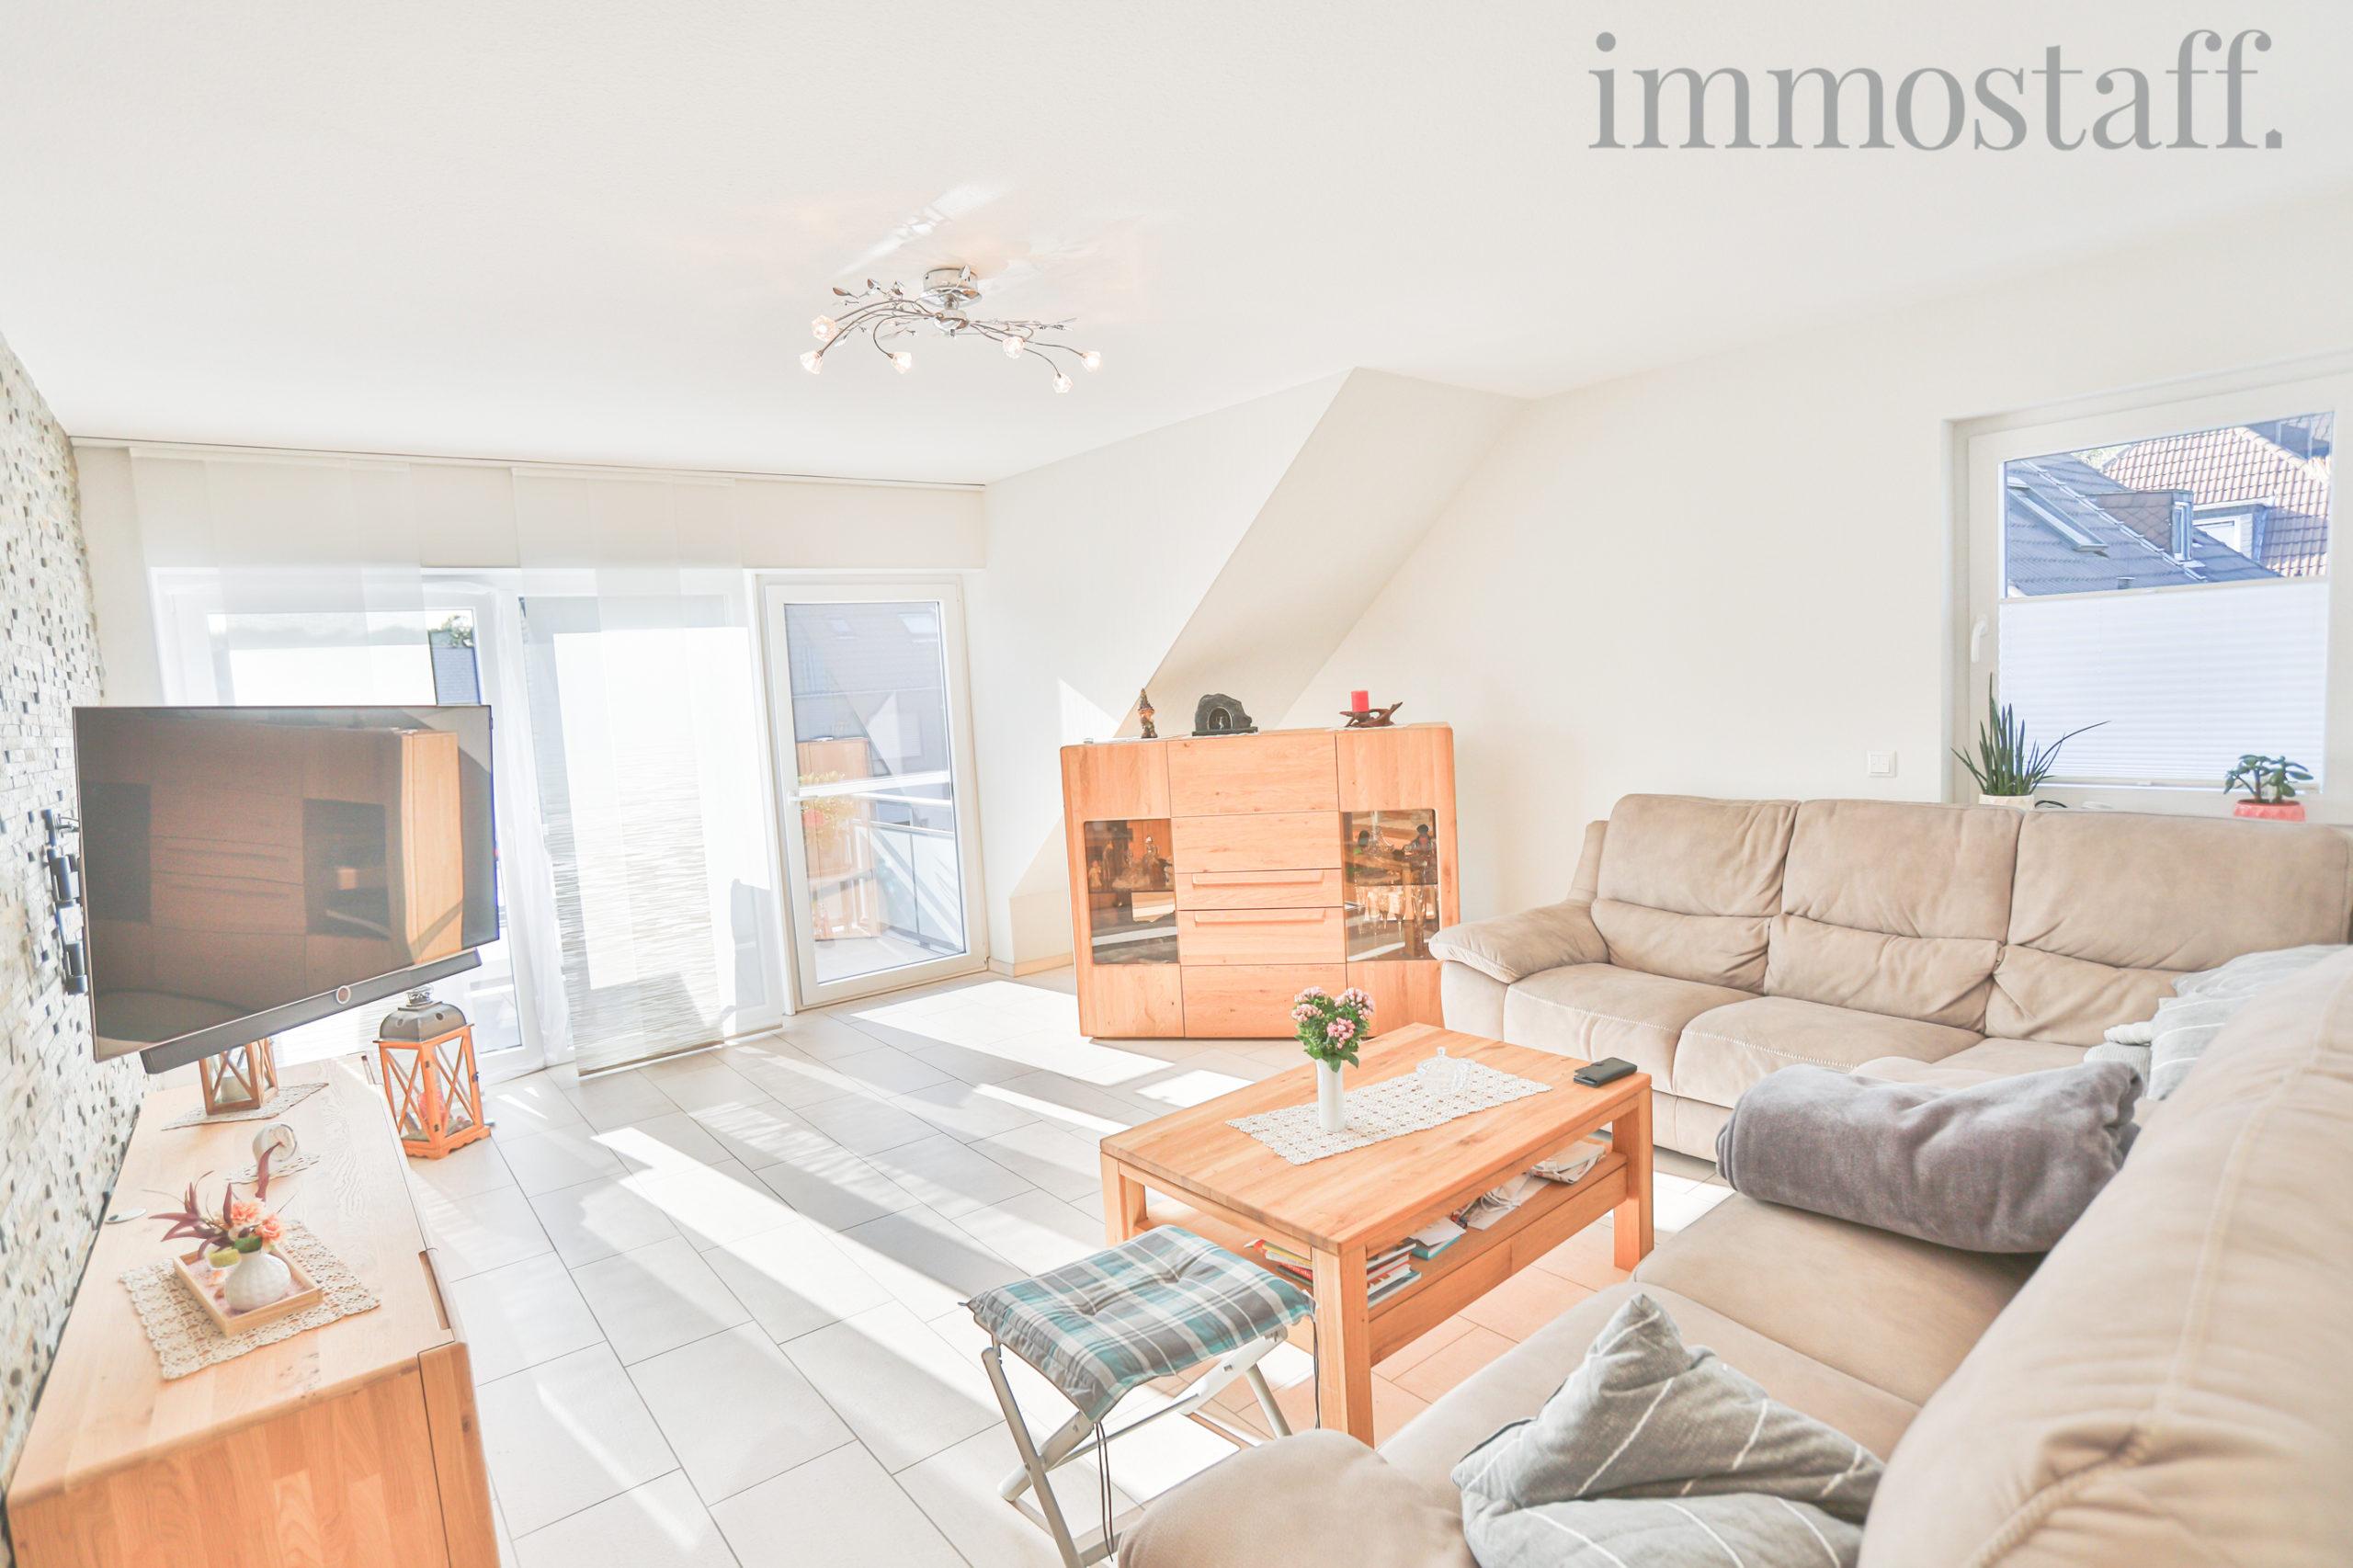 NEUWERTIG! Eigentumswohnung aus 2019 mit Balkon, Garage & Stellplatz zu verkaufen.